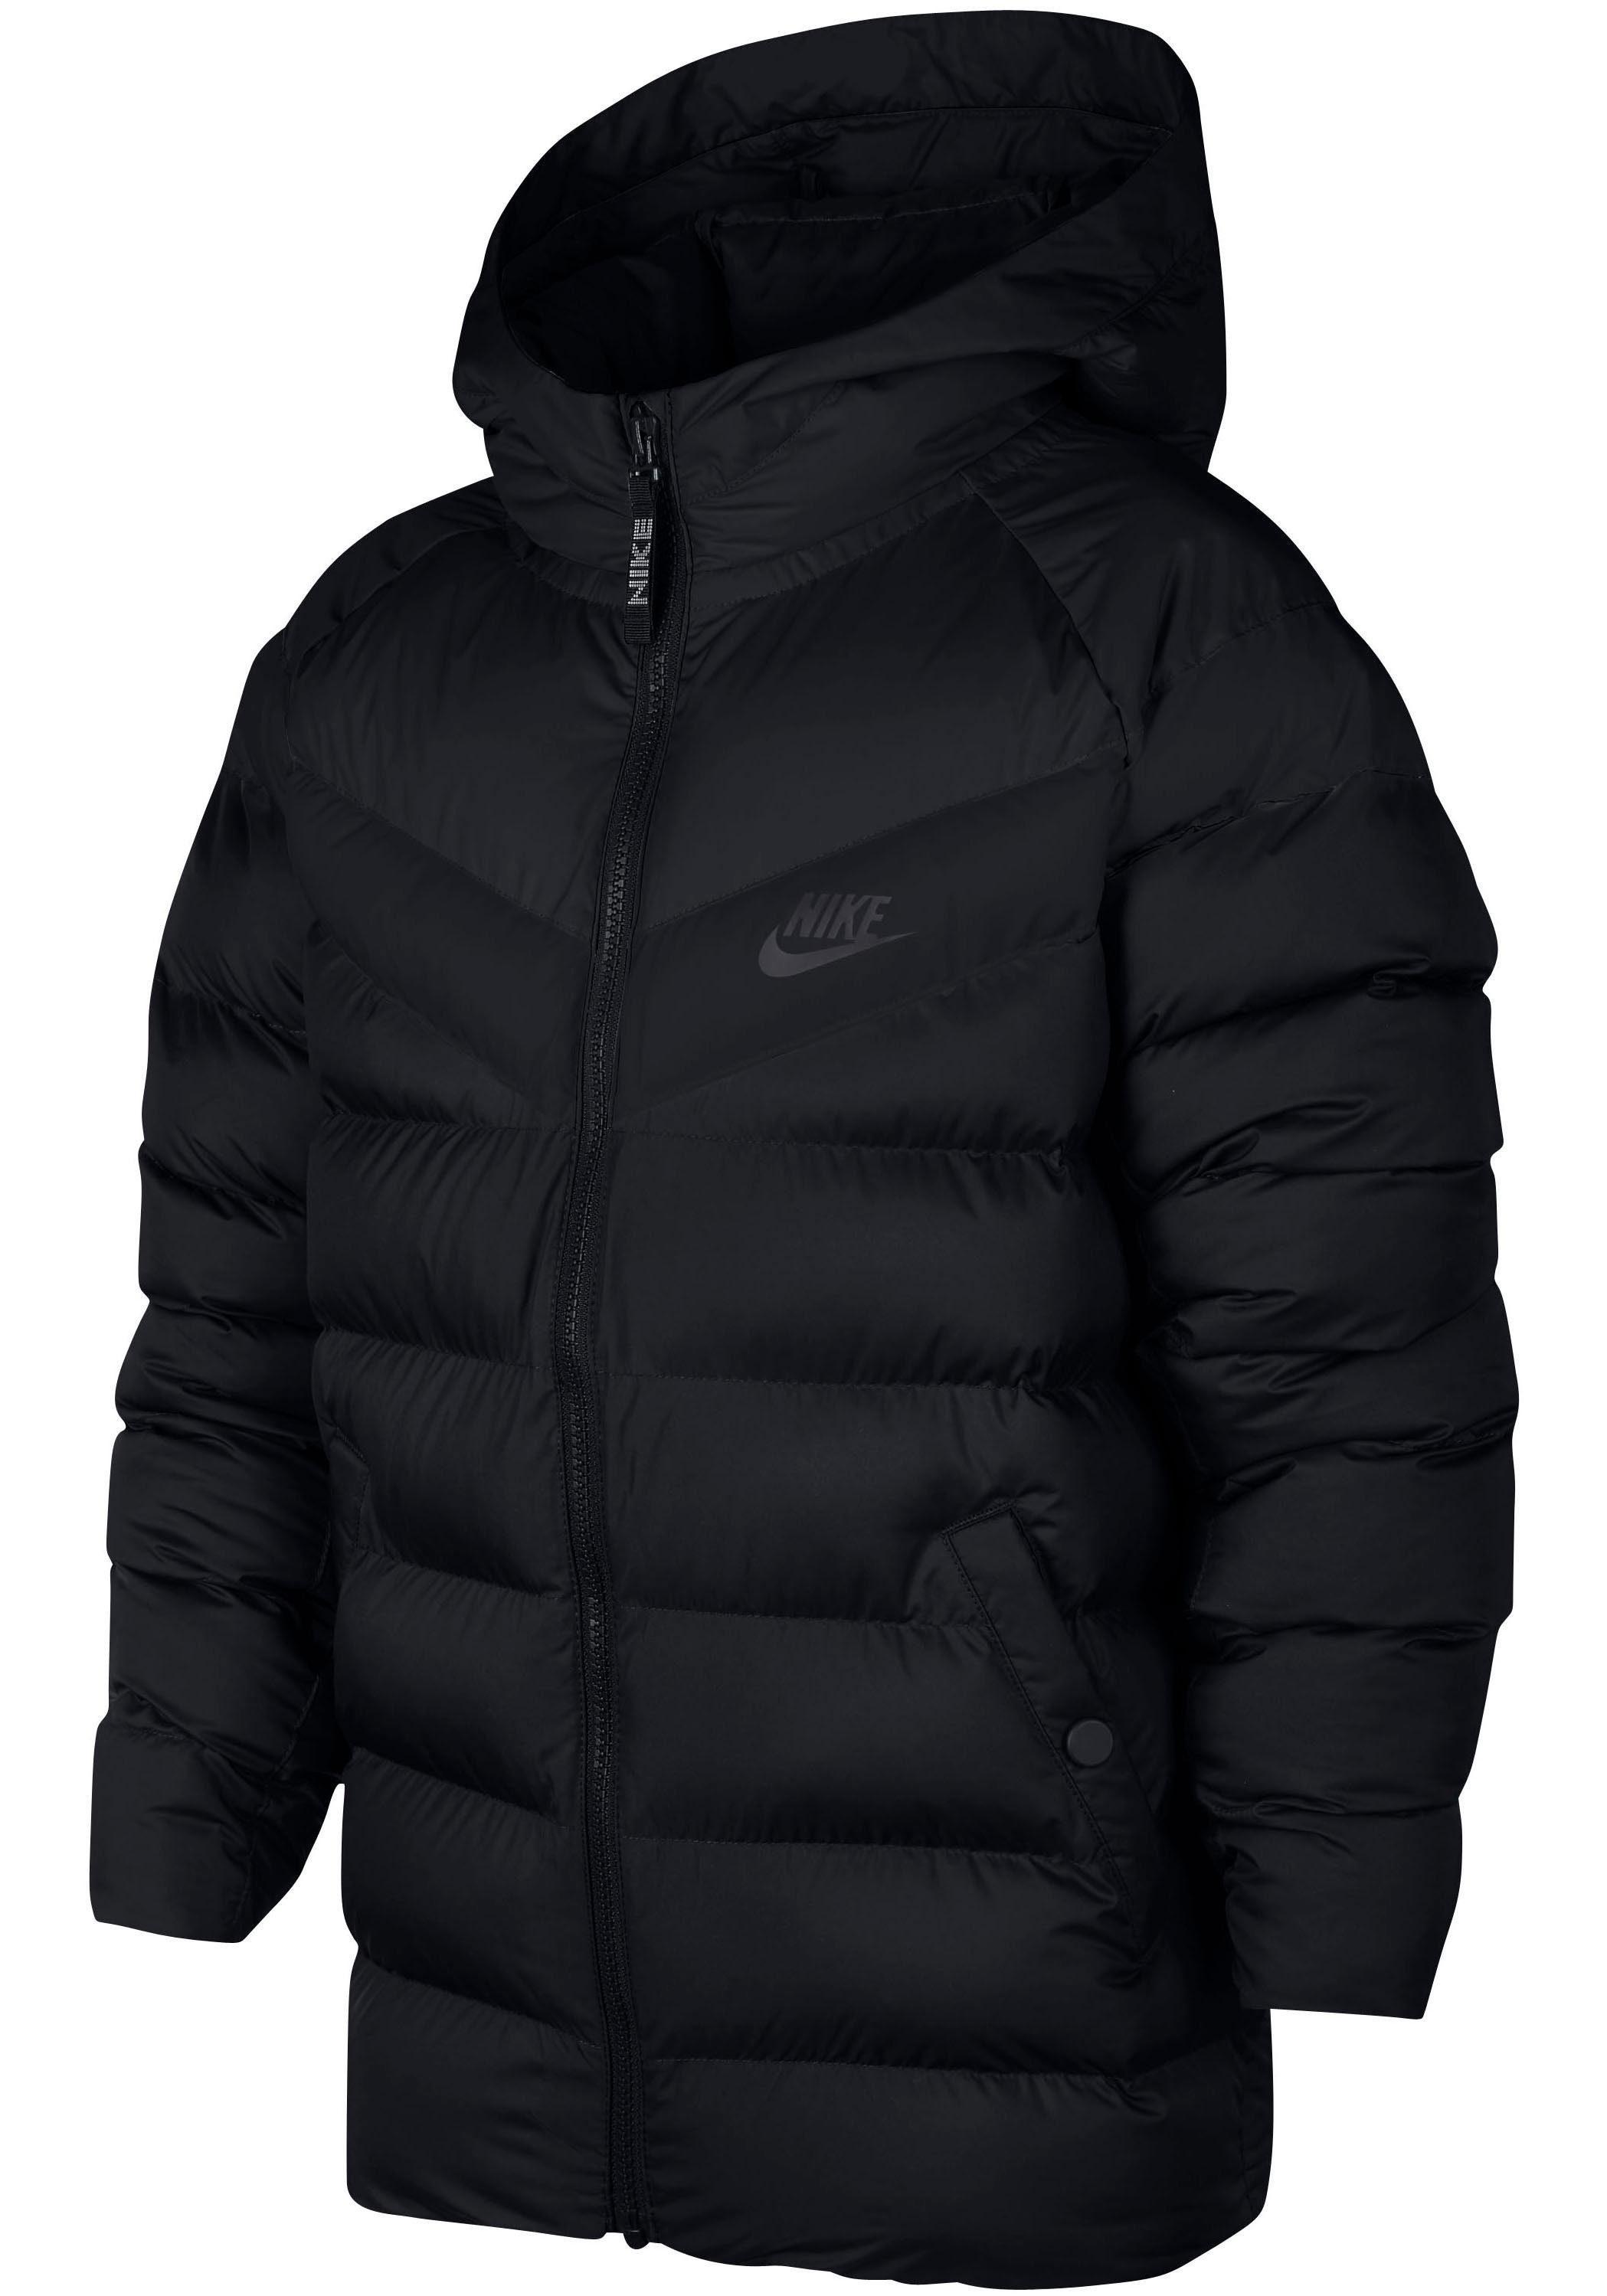 Nike Sportswear Steppjacke »NIKE SPORTSWEAR JACKET« online kaufen | OTTO